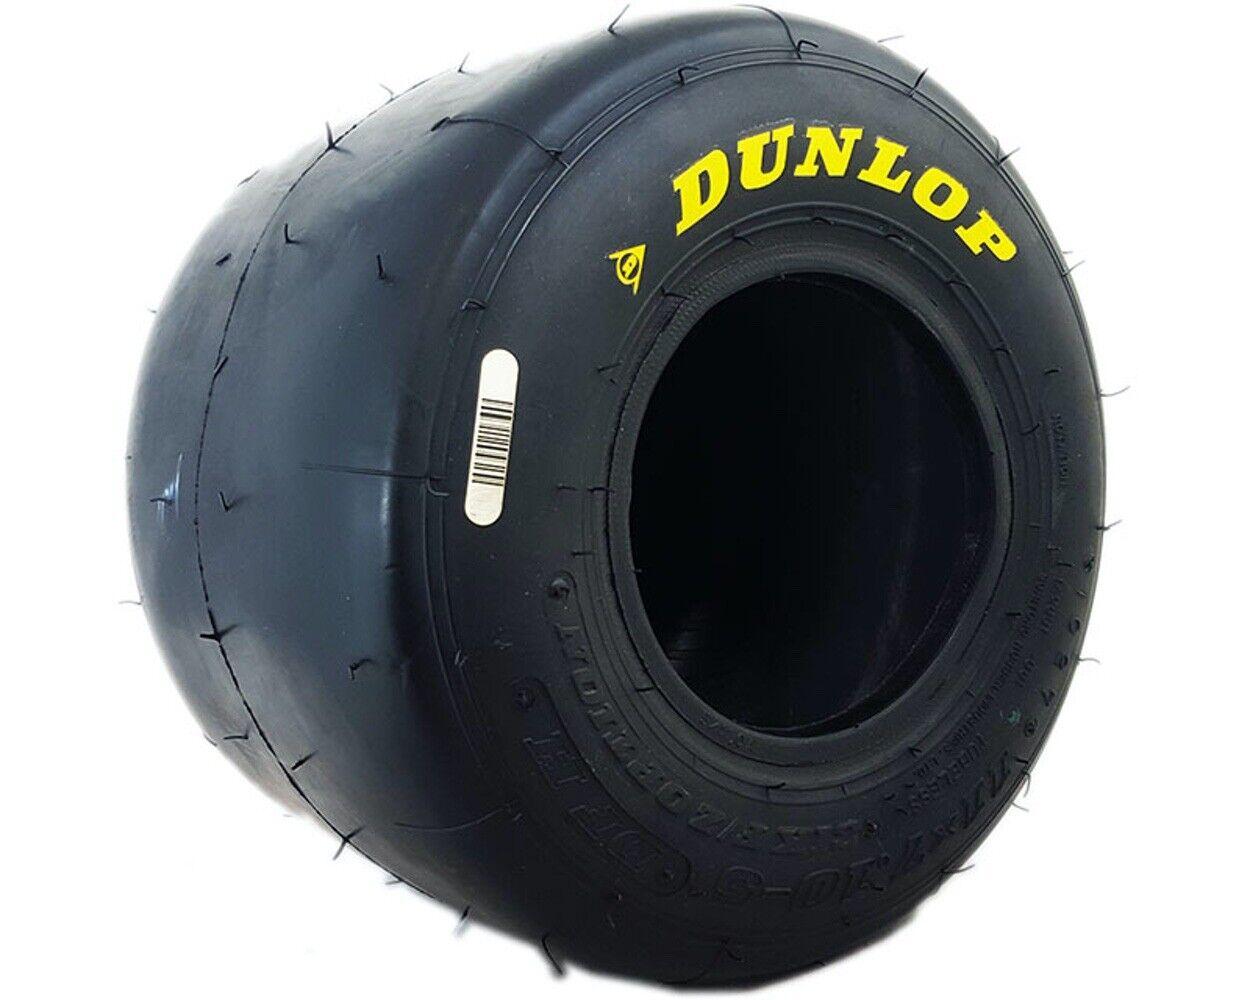 s l1600 - Ir Kart Dunlop Dfh Mancha Neumático Karting Raza Racing